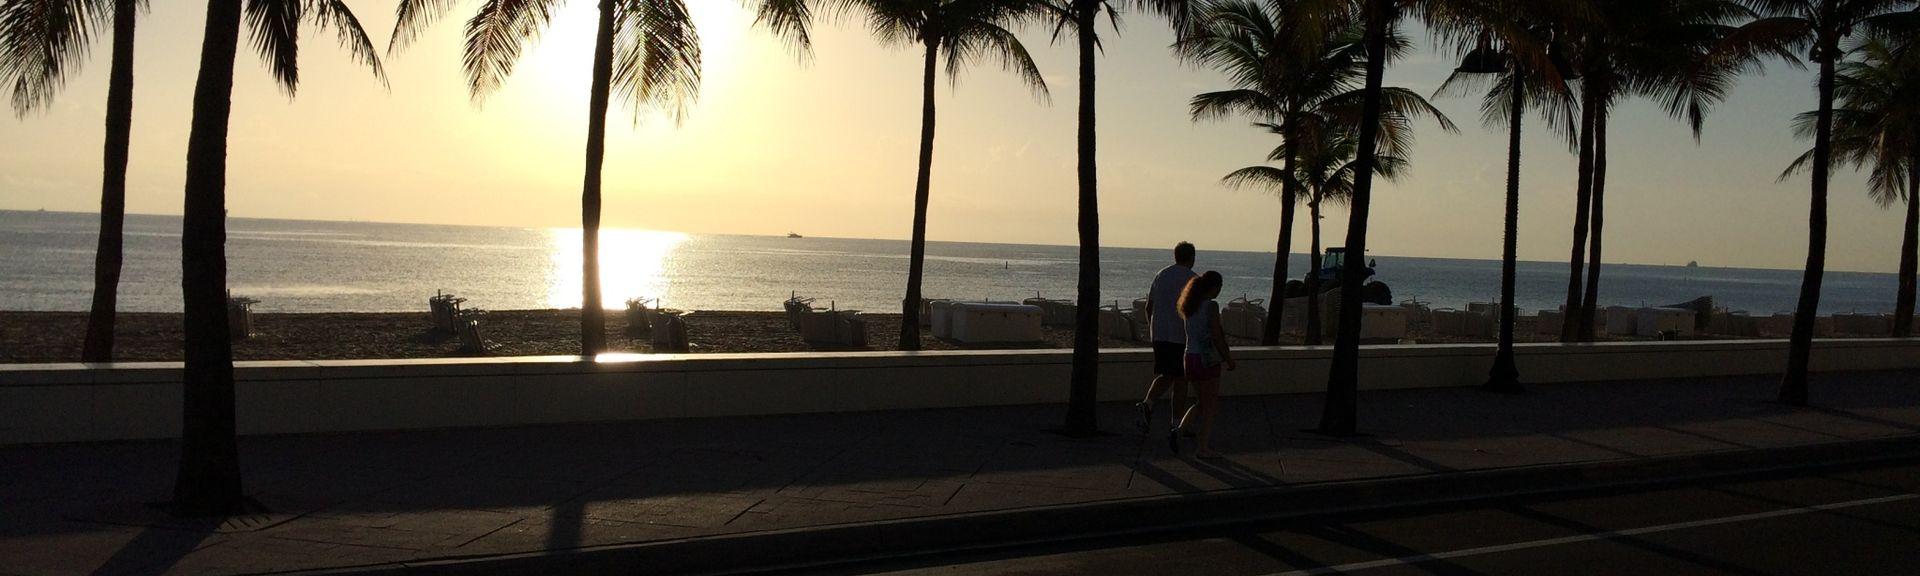 Central Beach, Fort Lauderdale, Floride, États-Unis d'Amérique